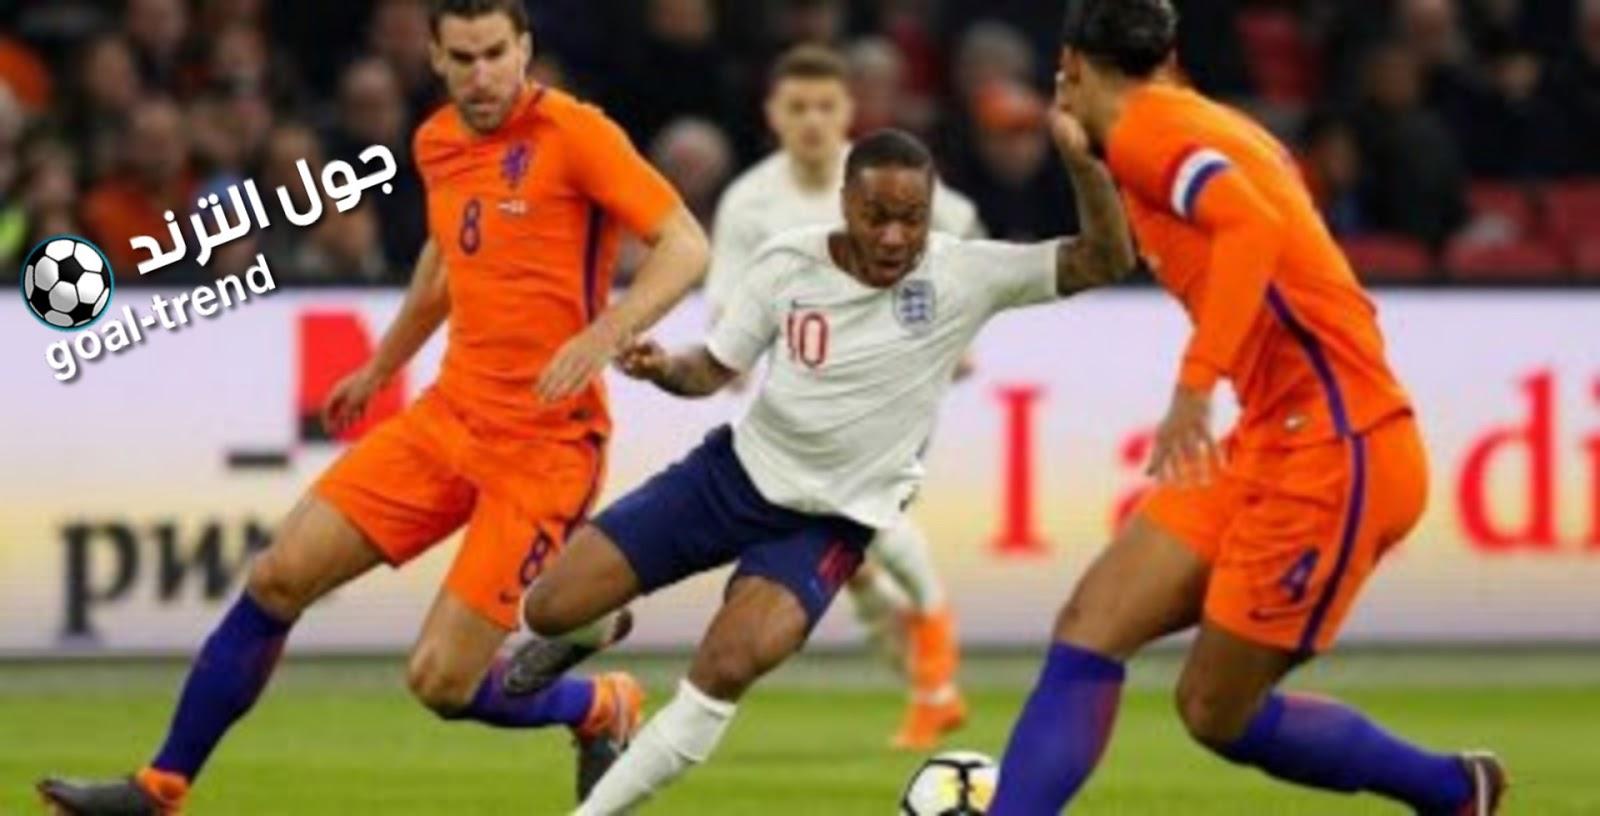 نتيجة مواجهة منتخب انجلترا مع منتخب هولندا يوم الخميس الموافق 6-6-2019 في دوري الامم الاوروبية